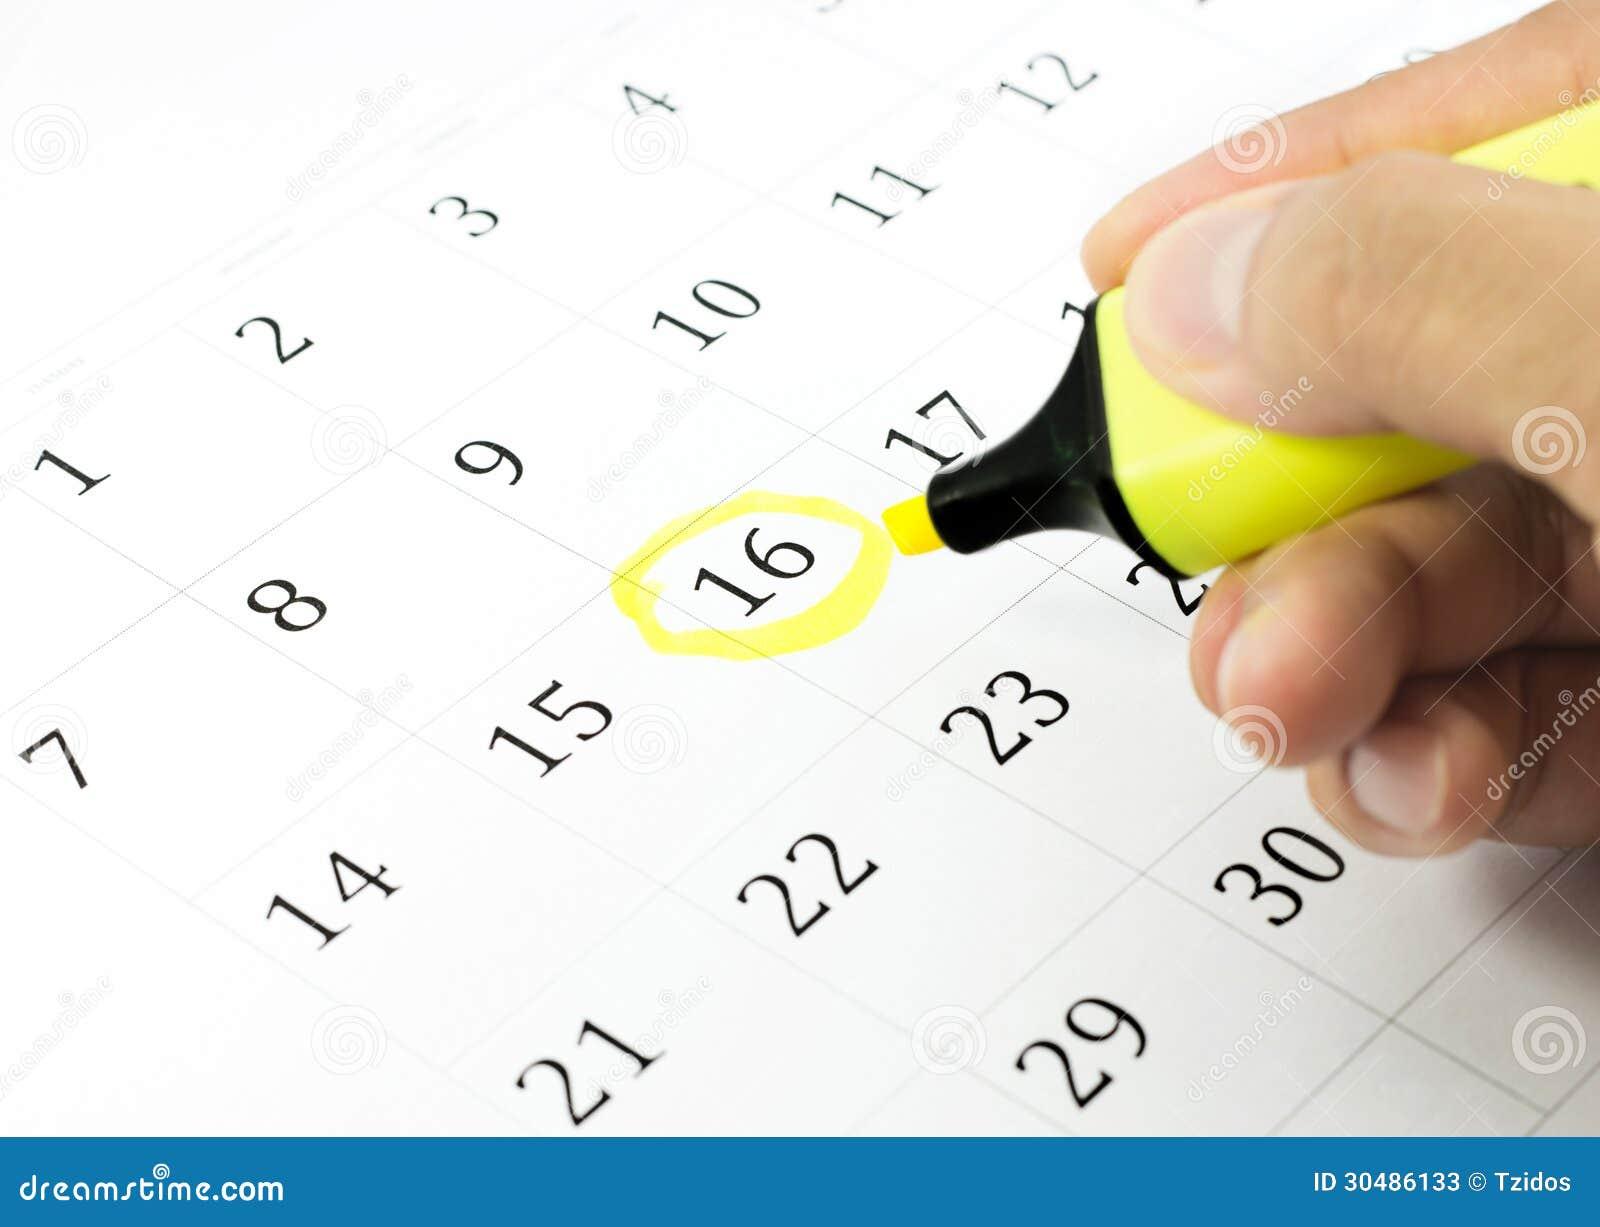 Marca Calendario.Marca En El Calendario En 16 Imagen De Archivo Imagen De Moderno